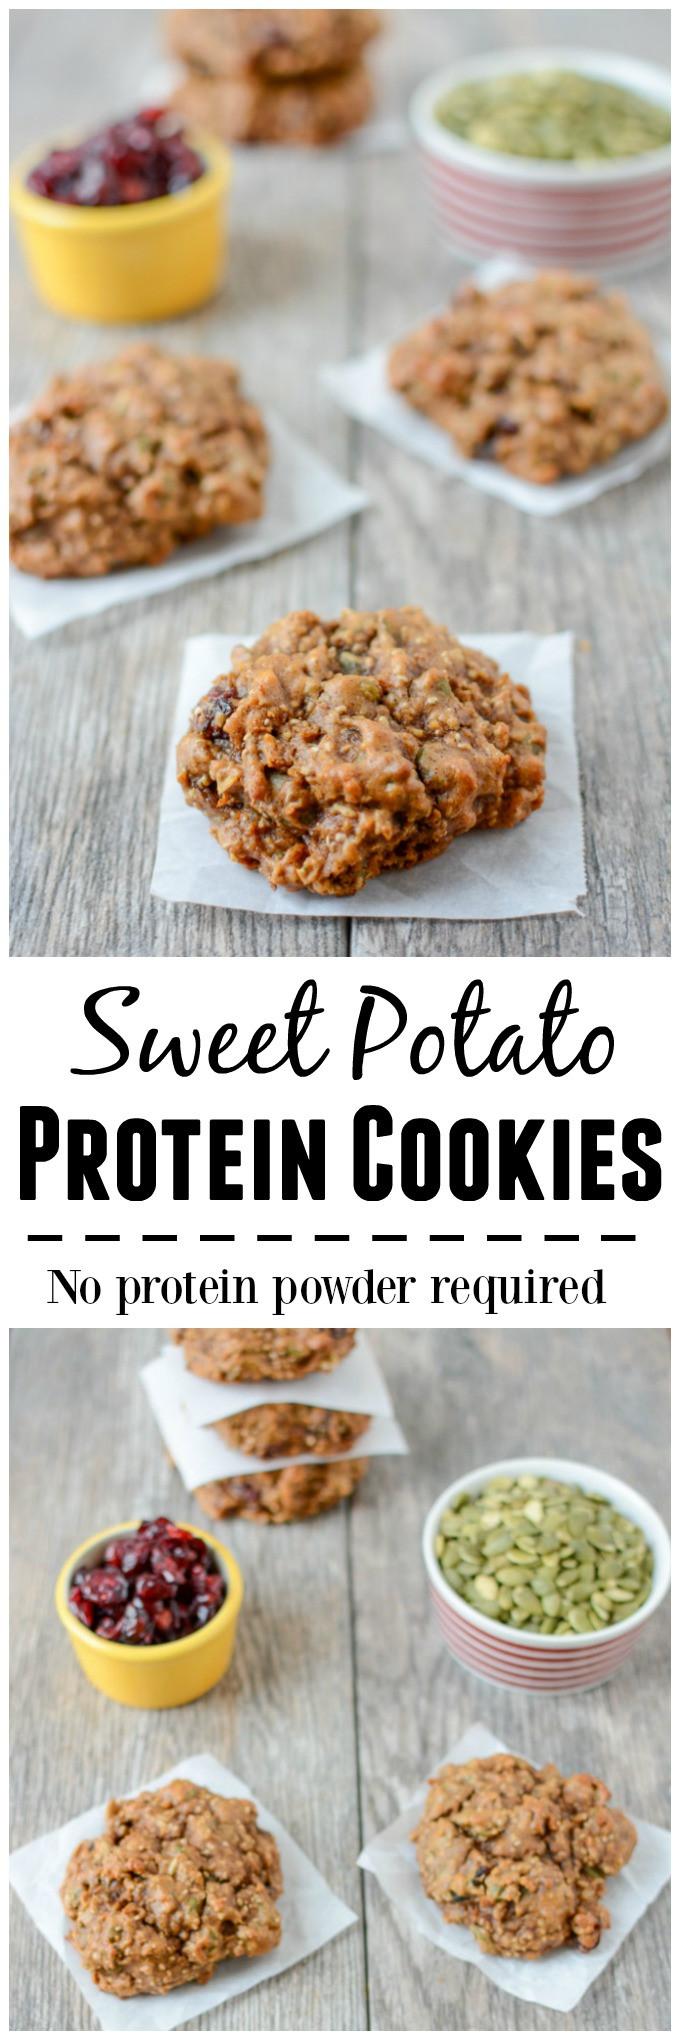 Protein In Potato  Sweet Potato Protein Cookies